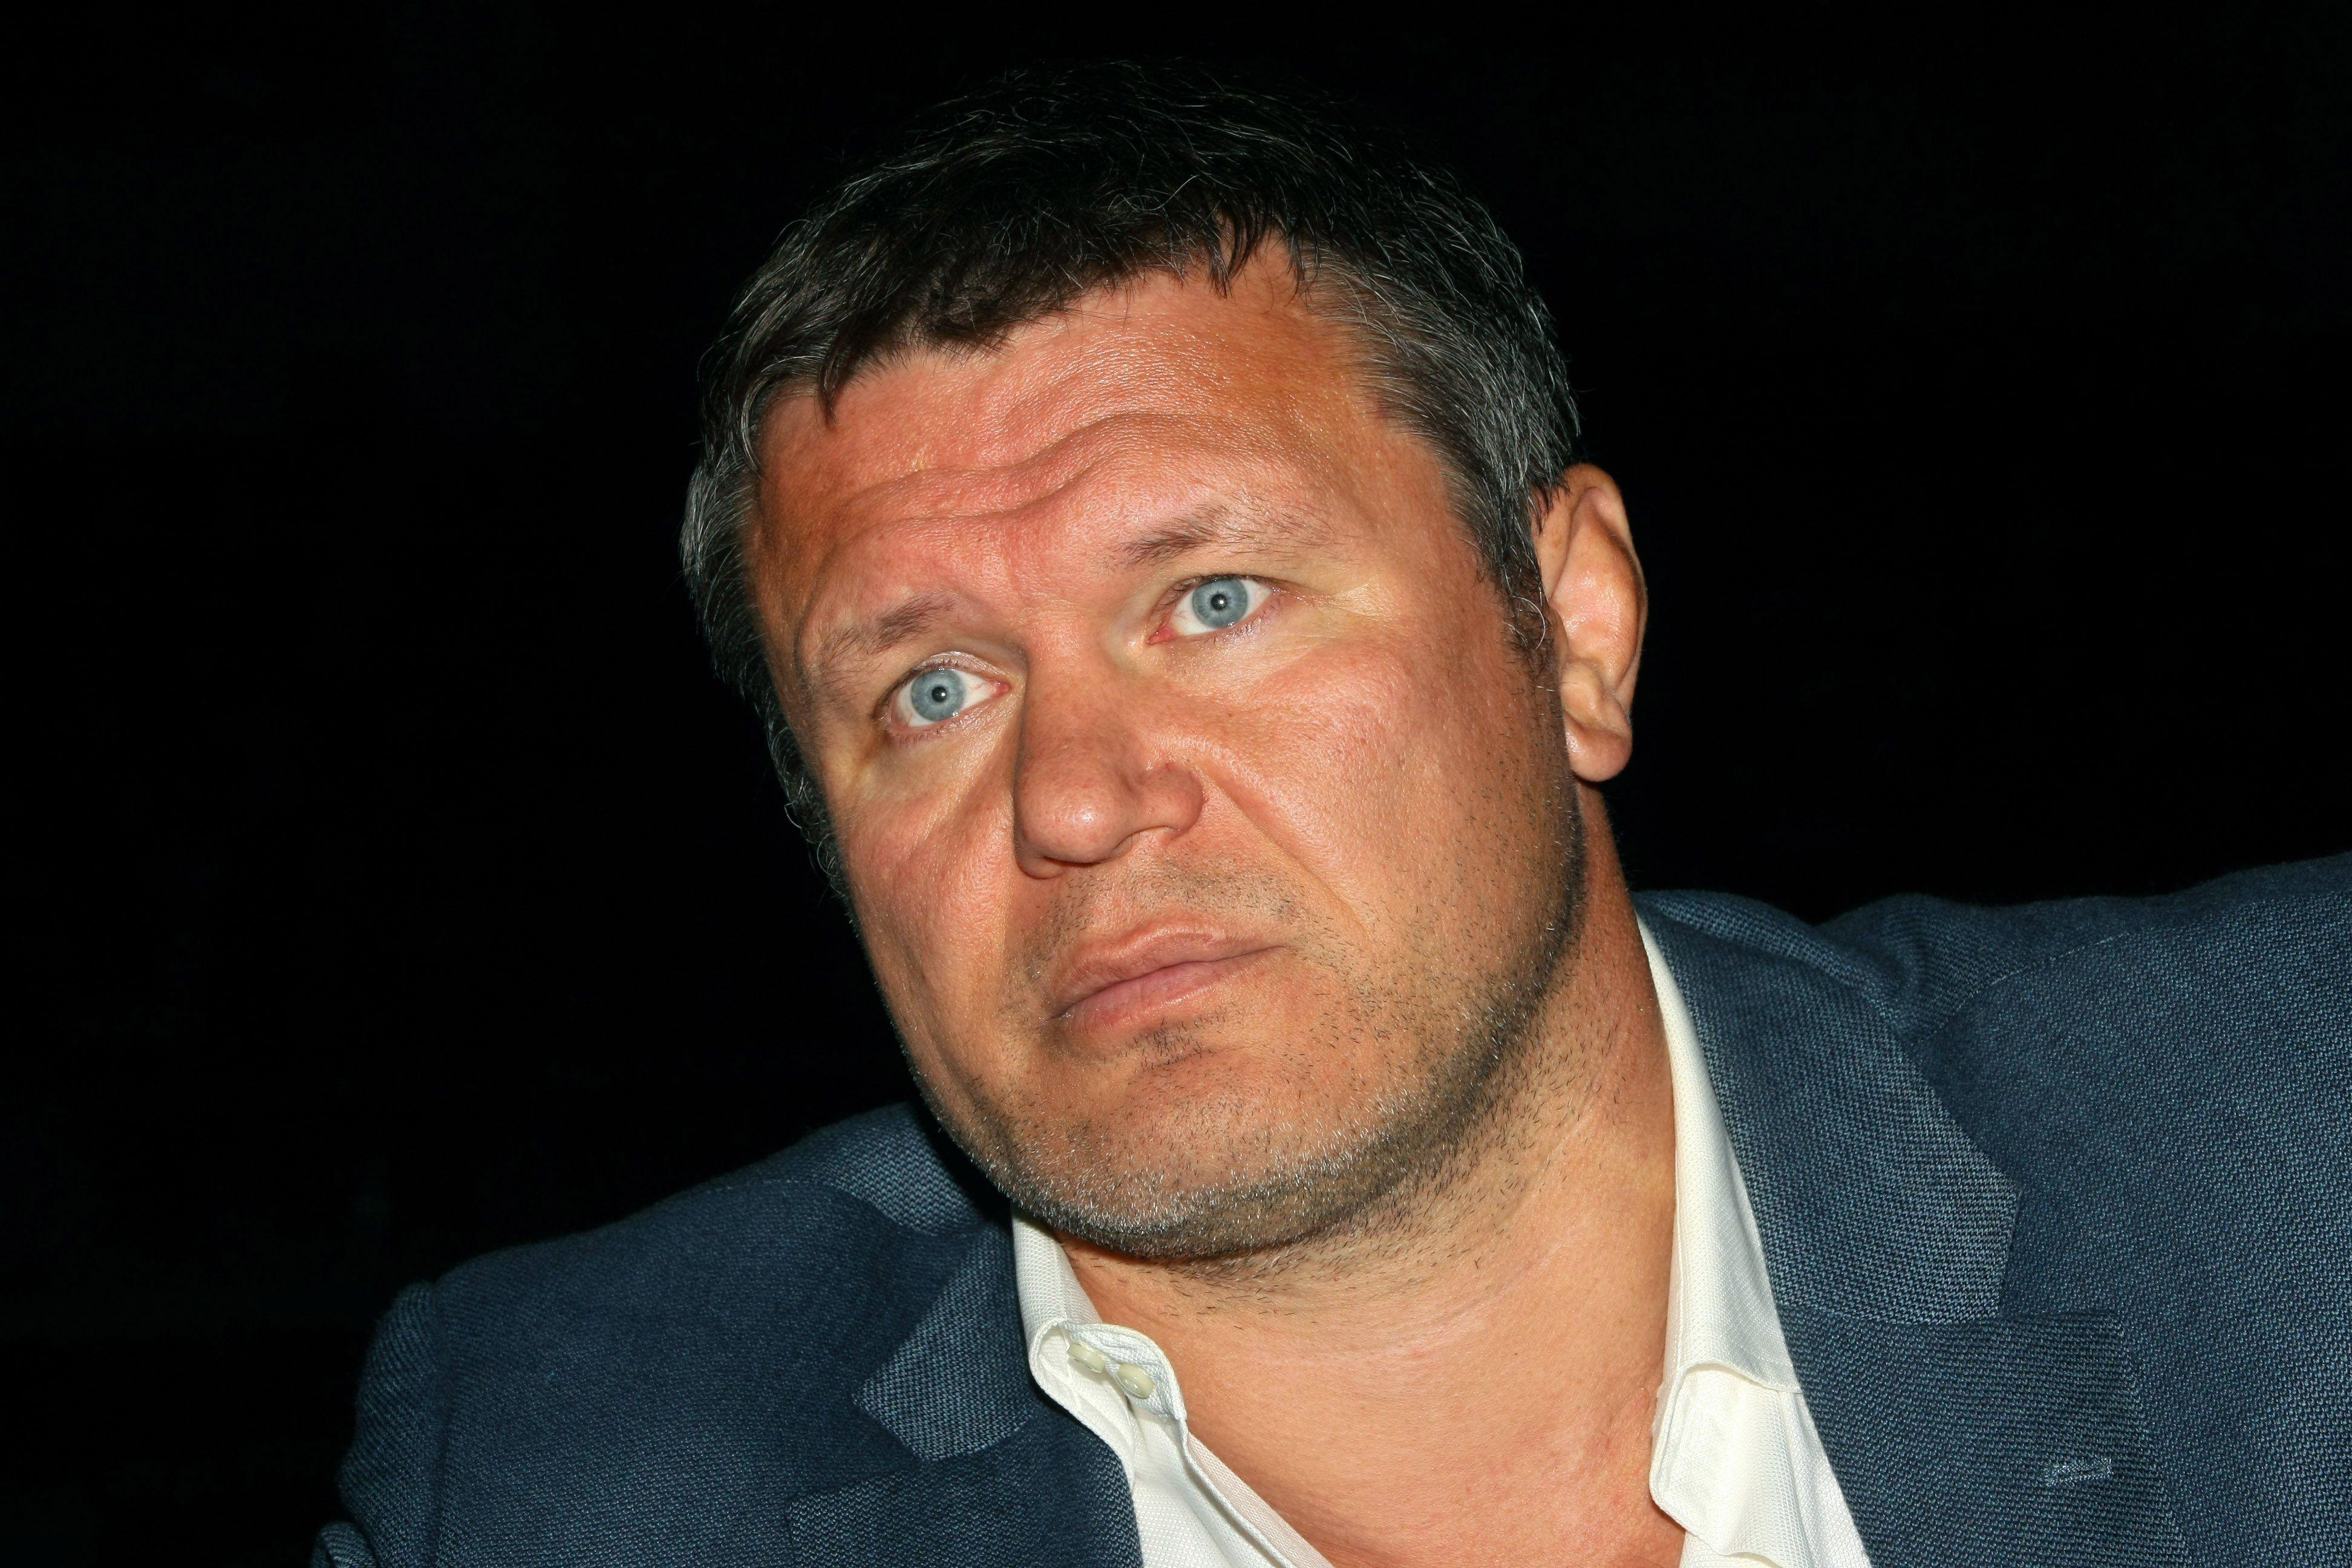 Тактаров поделился мнением о выборах президента США